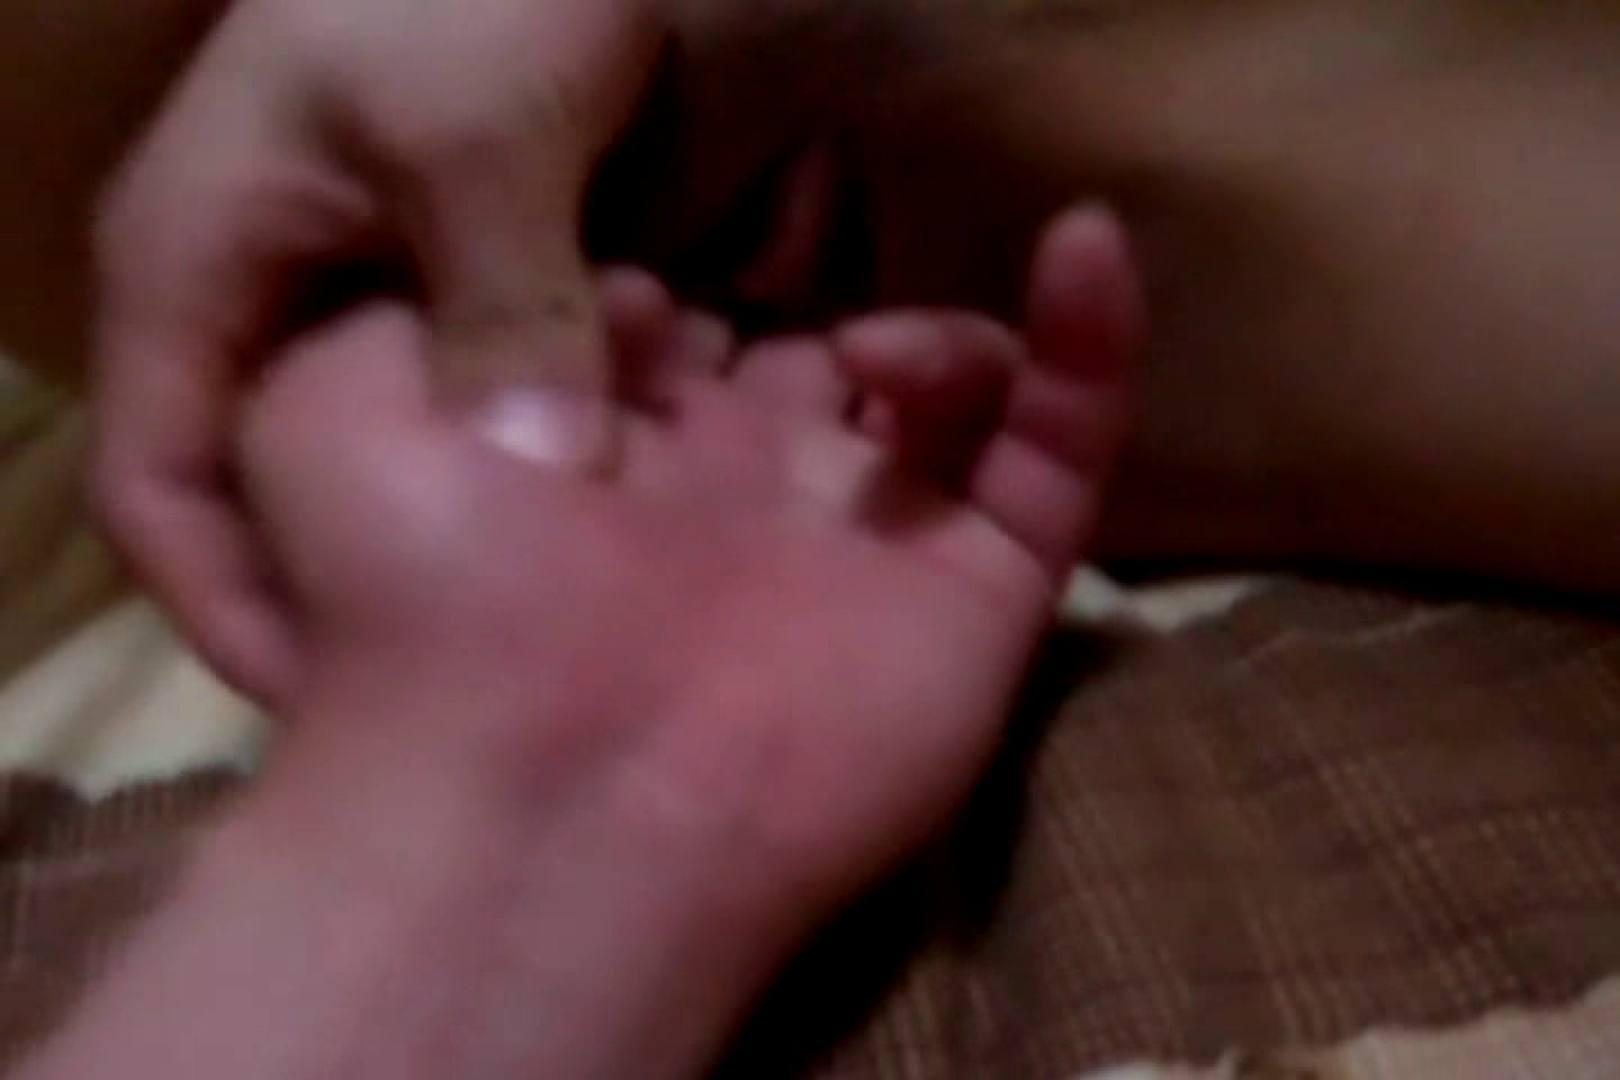 ウイルス流出 Ownerのハメ撮り映像 美人コレクション | プライベート  68連発 31